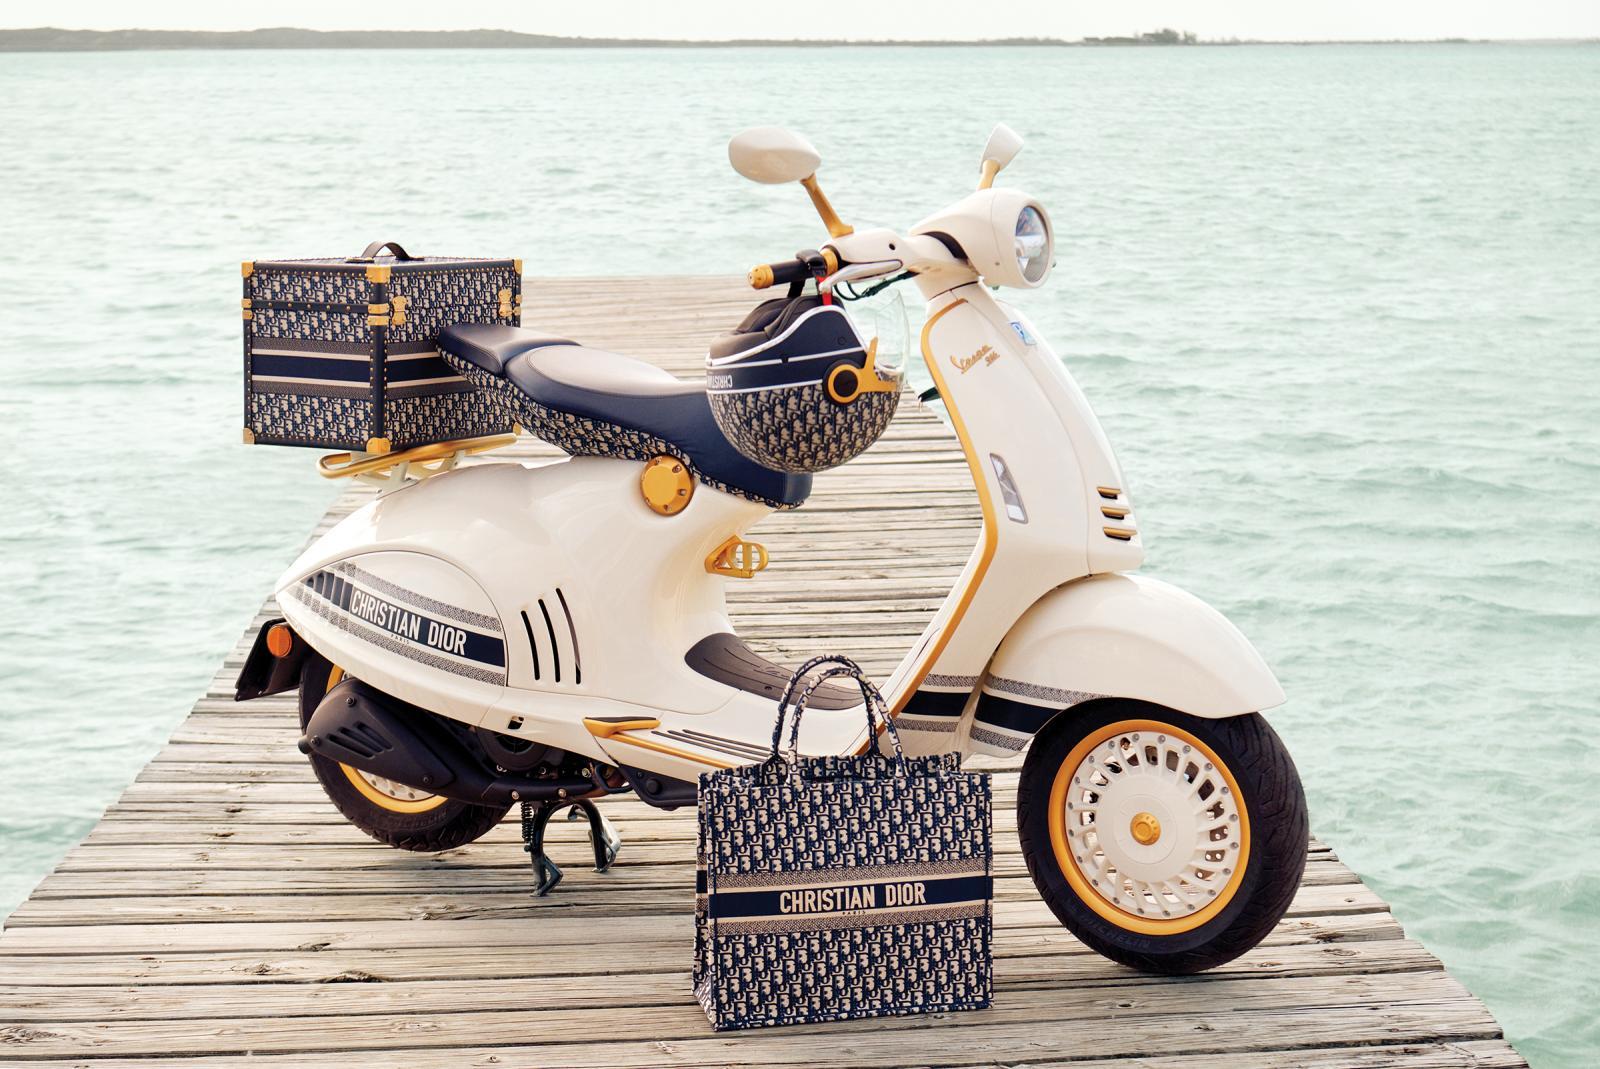 Dior與Vespa偉士牌破天荒合作!沒錢買機車也要搶那一頂老花安全帽-2